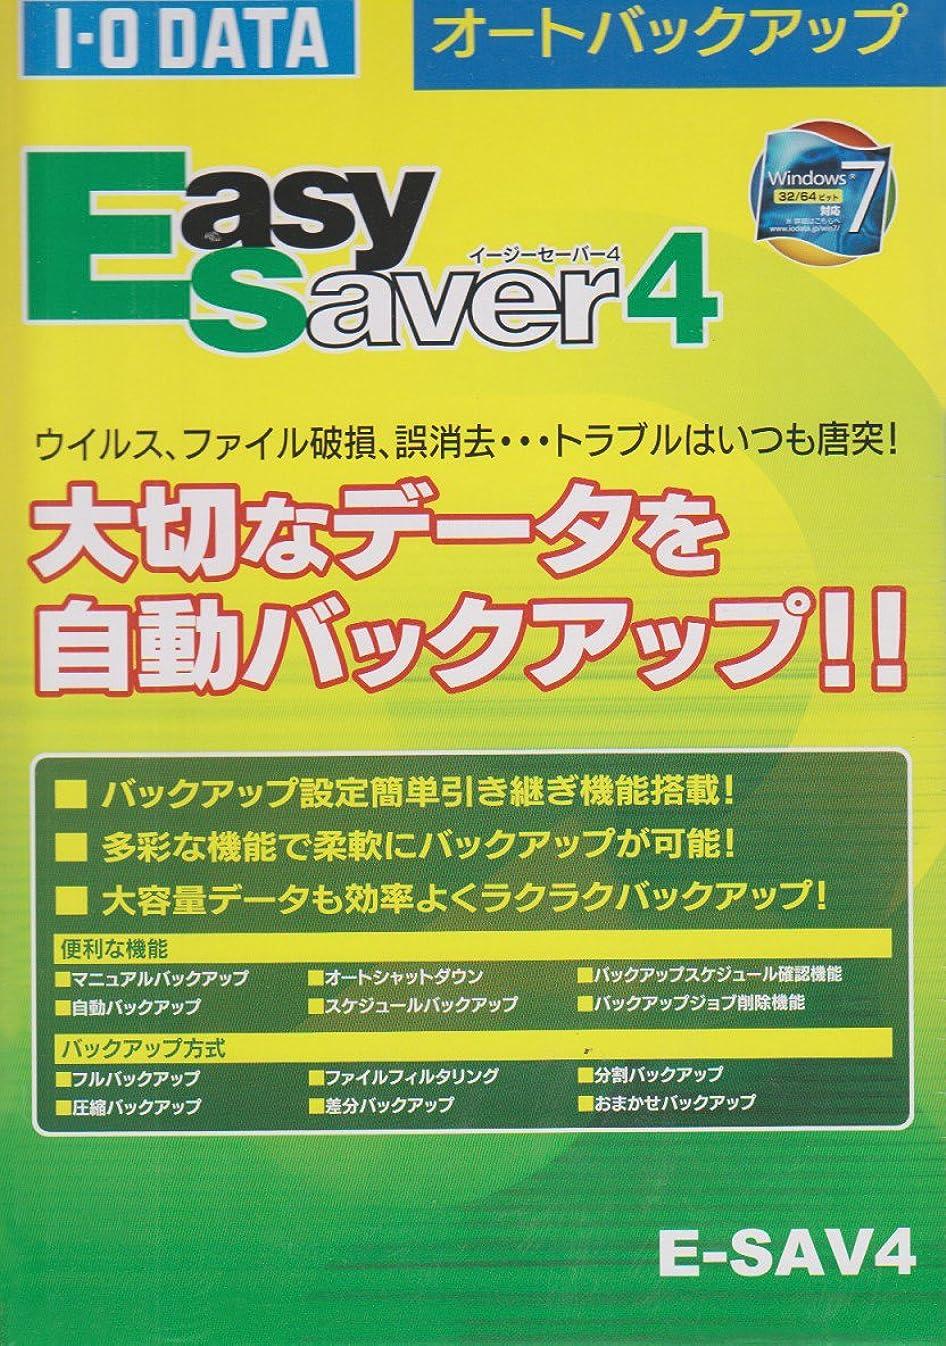 肥沃な東部否認するオートバックアップソフト「EasySaver 4」イージーセーバー4 パッケージ版